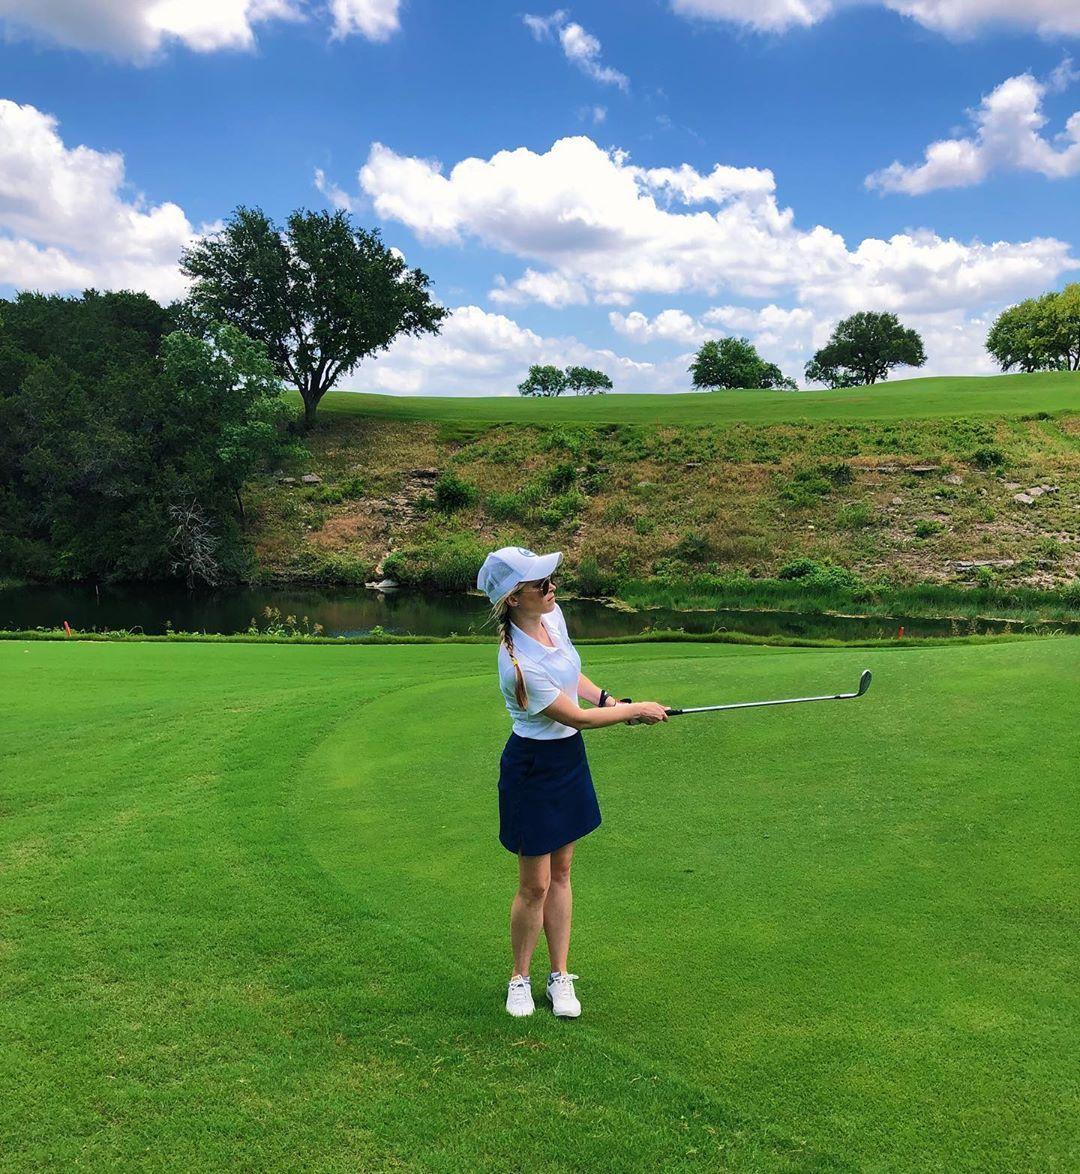 37+ Austin texas golf trip ideas in 2021